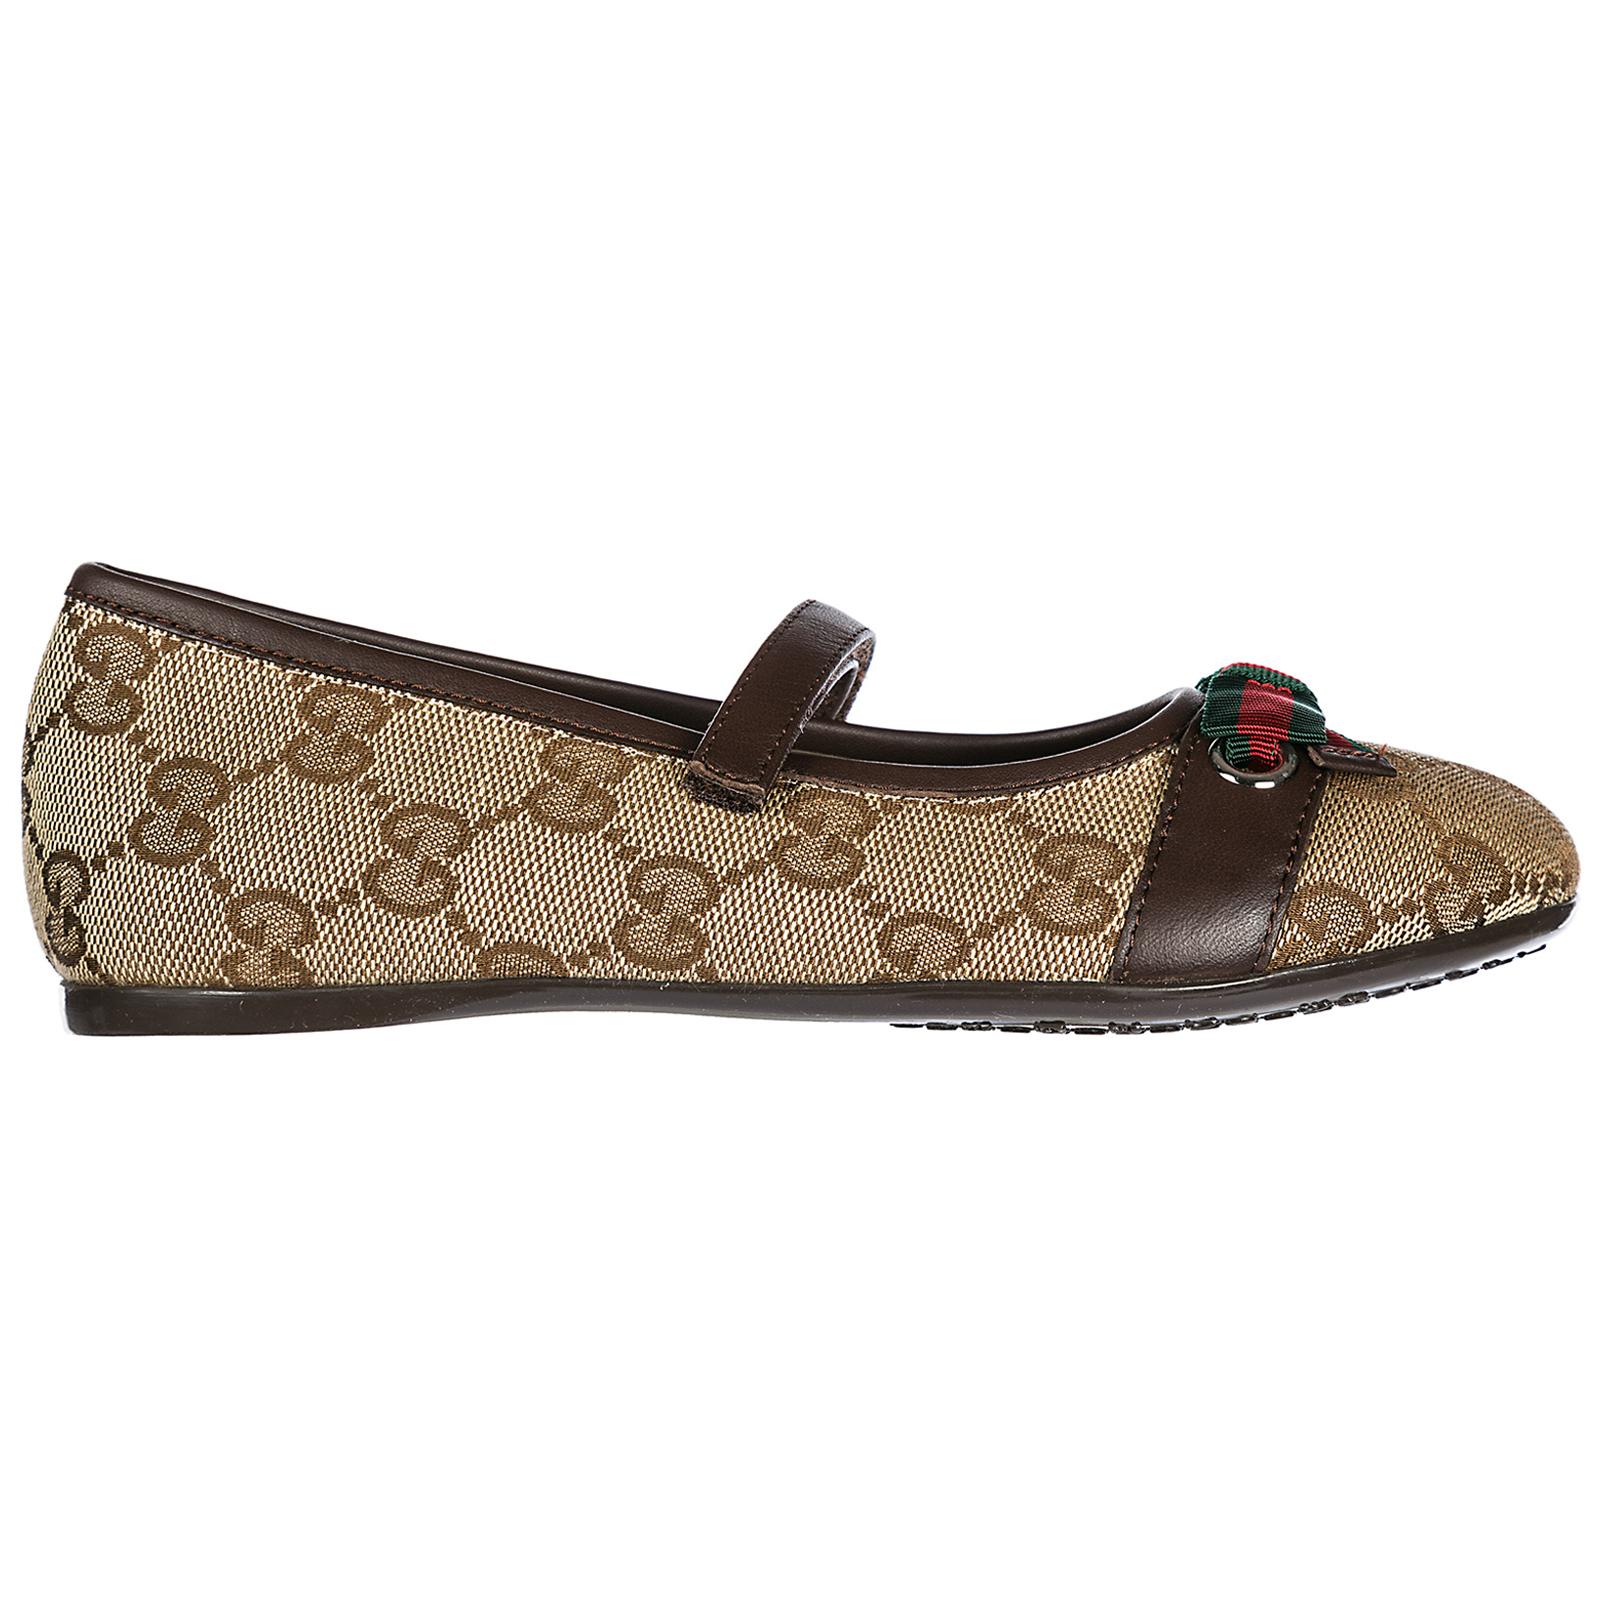 Ballerine scarpe bambina cotone